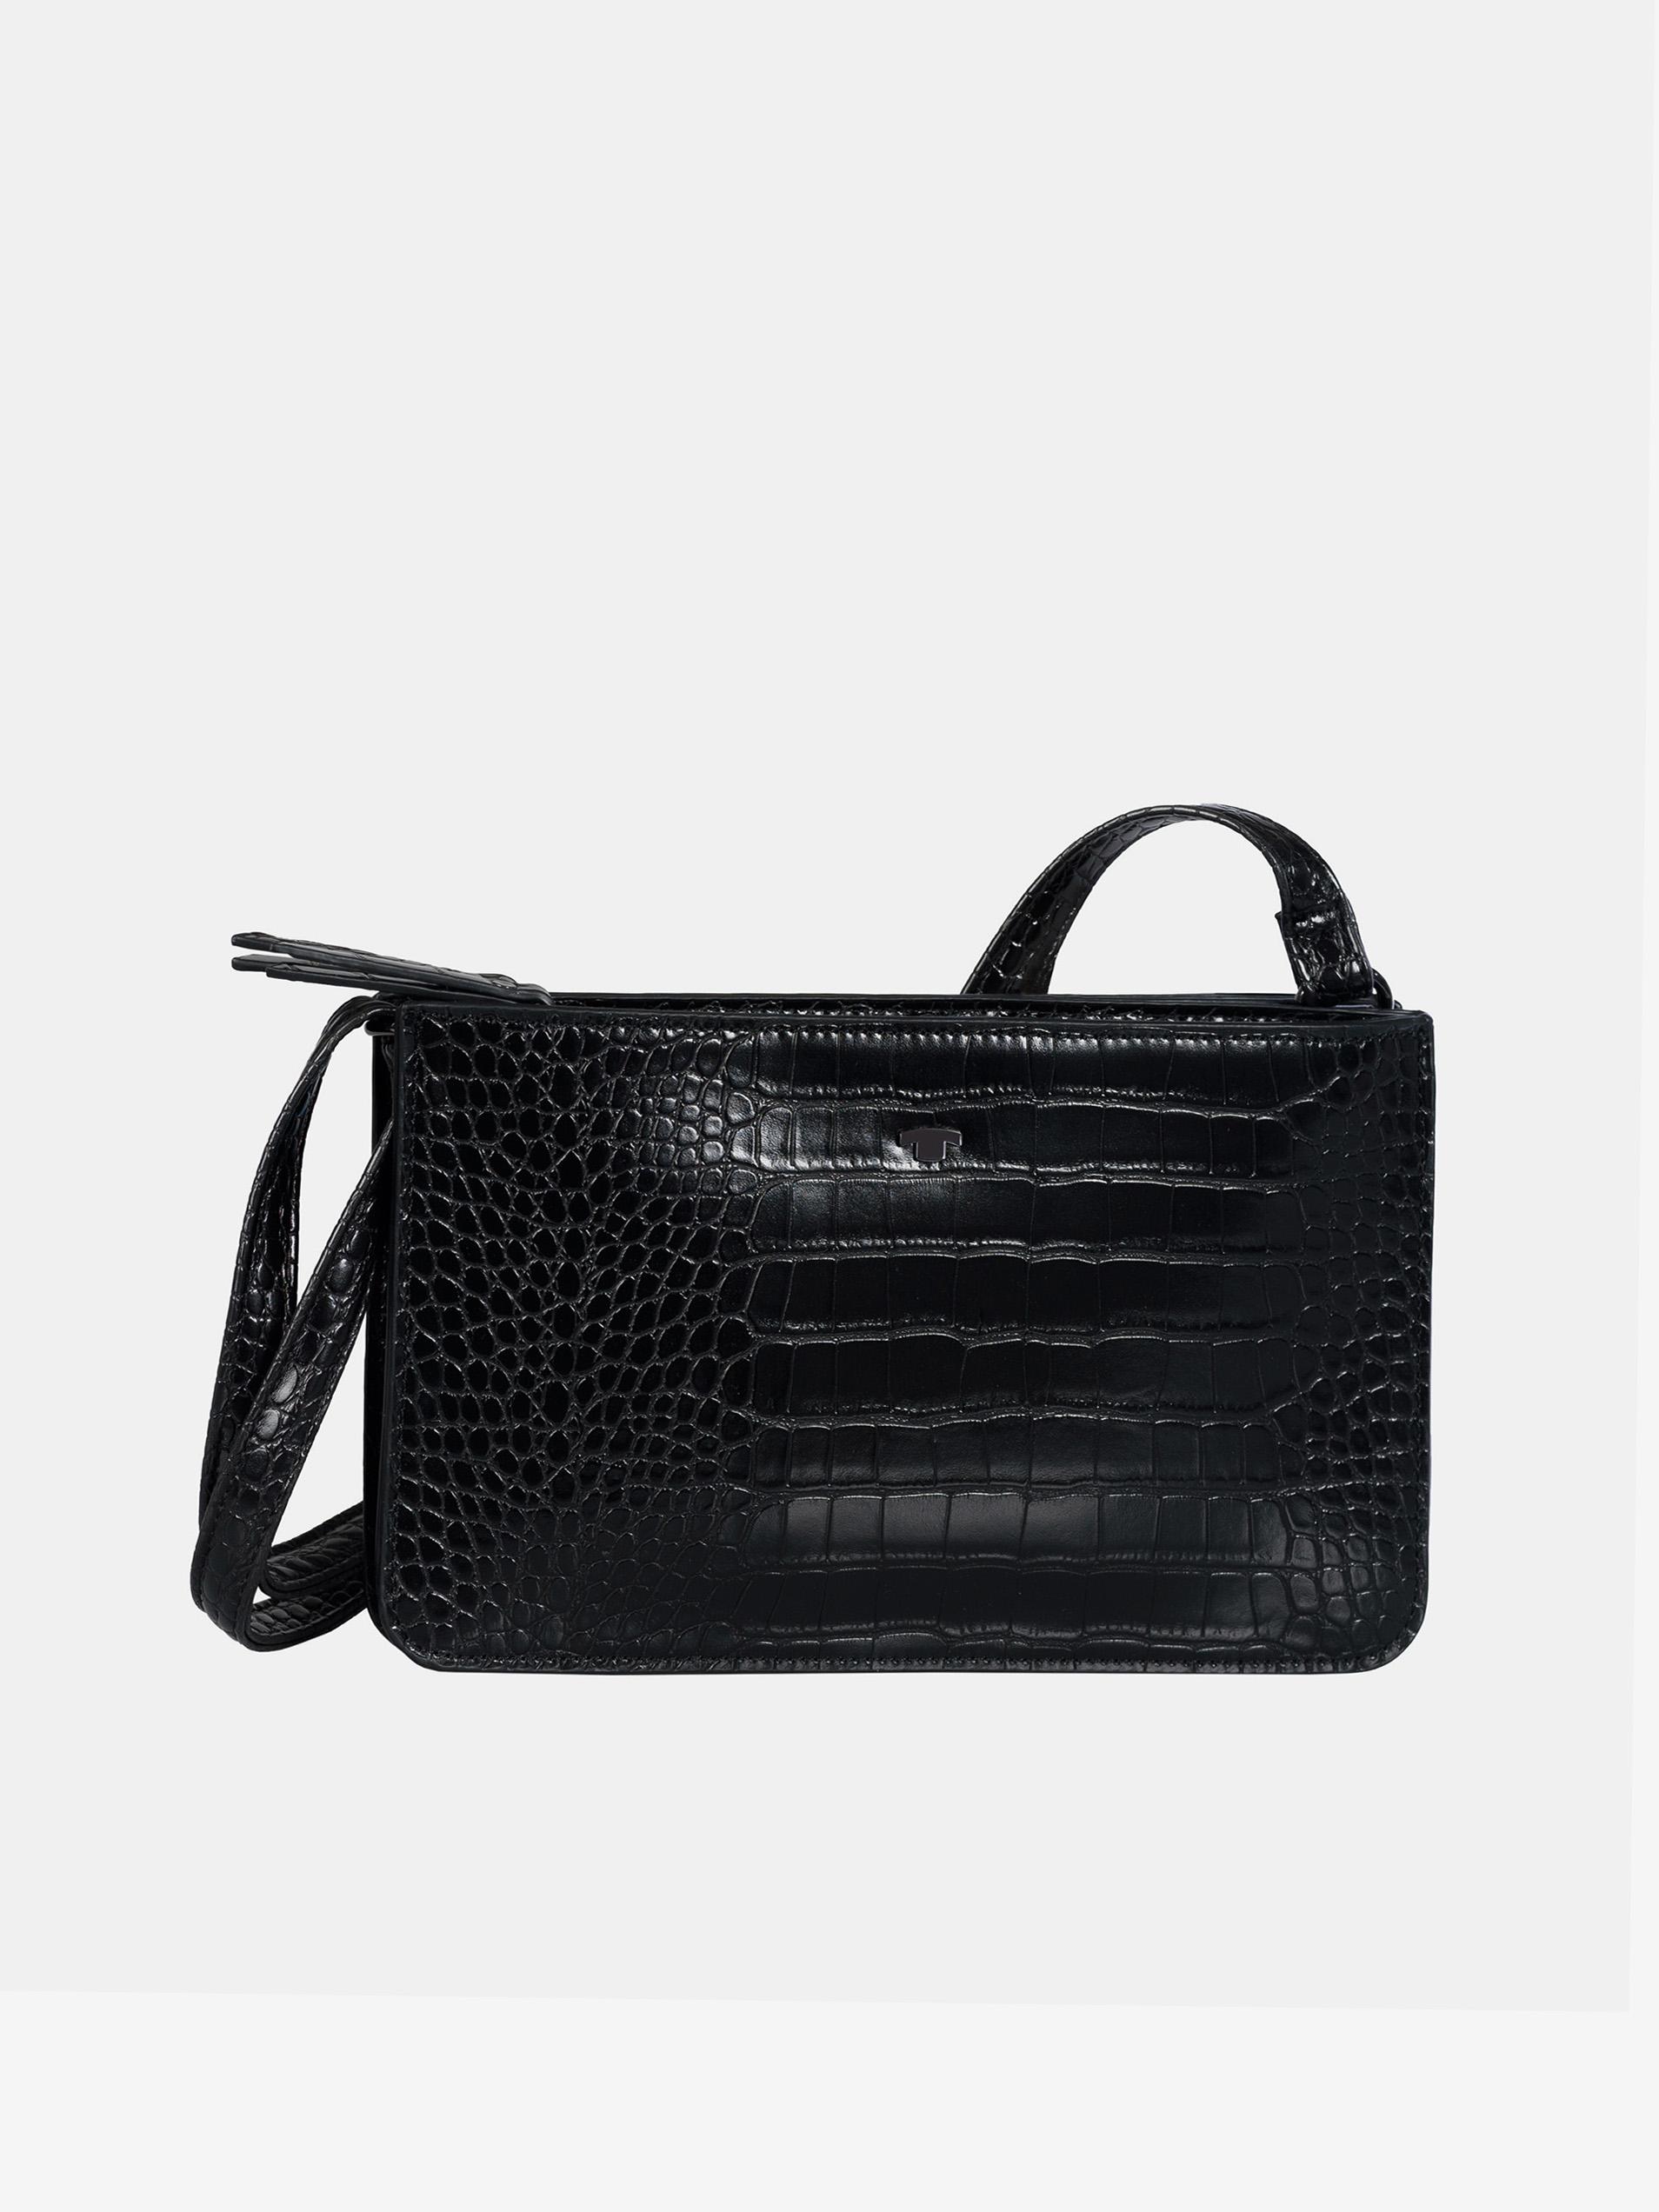 Fekete crossbody kézitáska, krokodil mintával, Tom Tailor